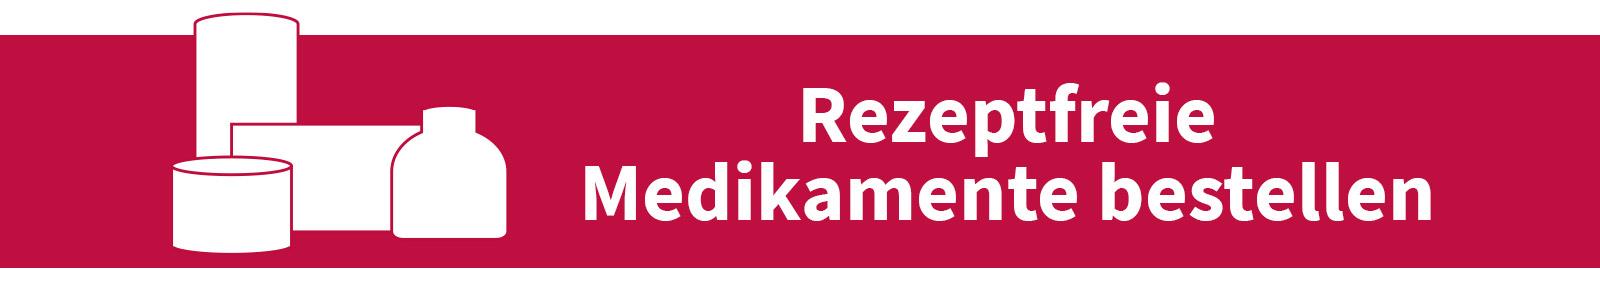 Header_ohne_Rezept